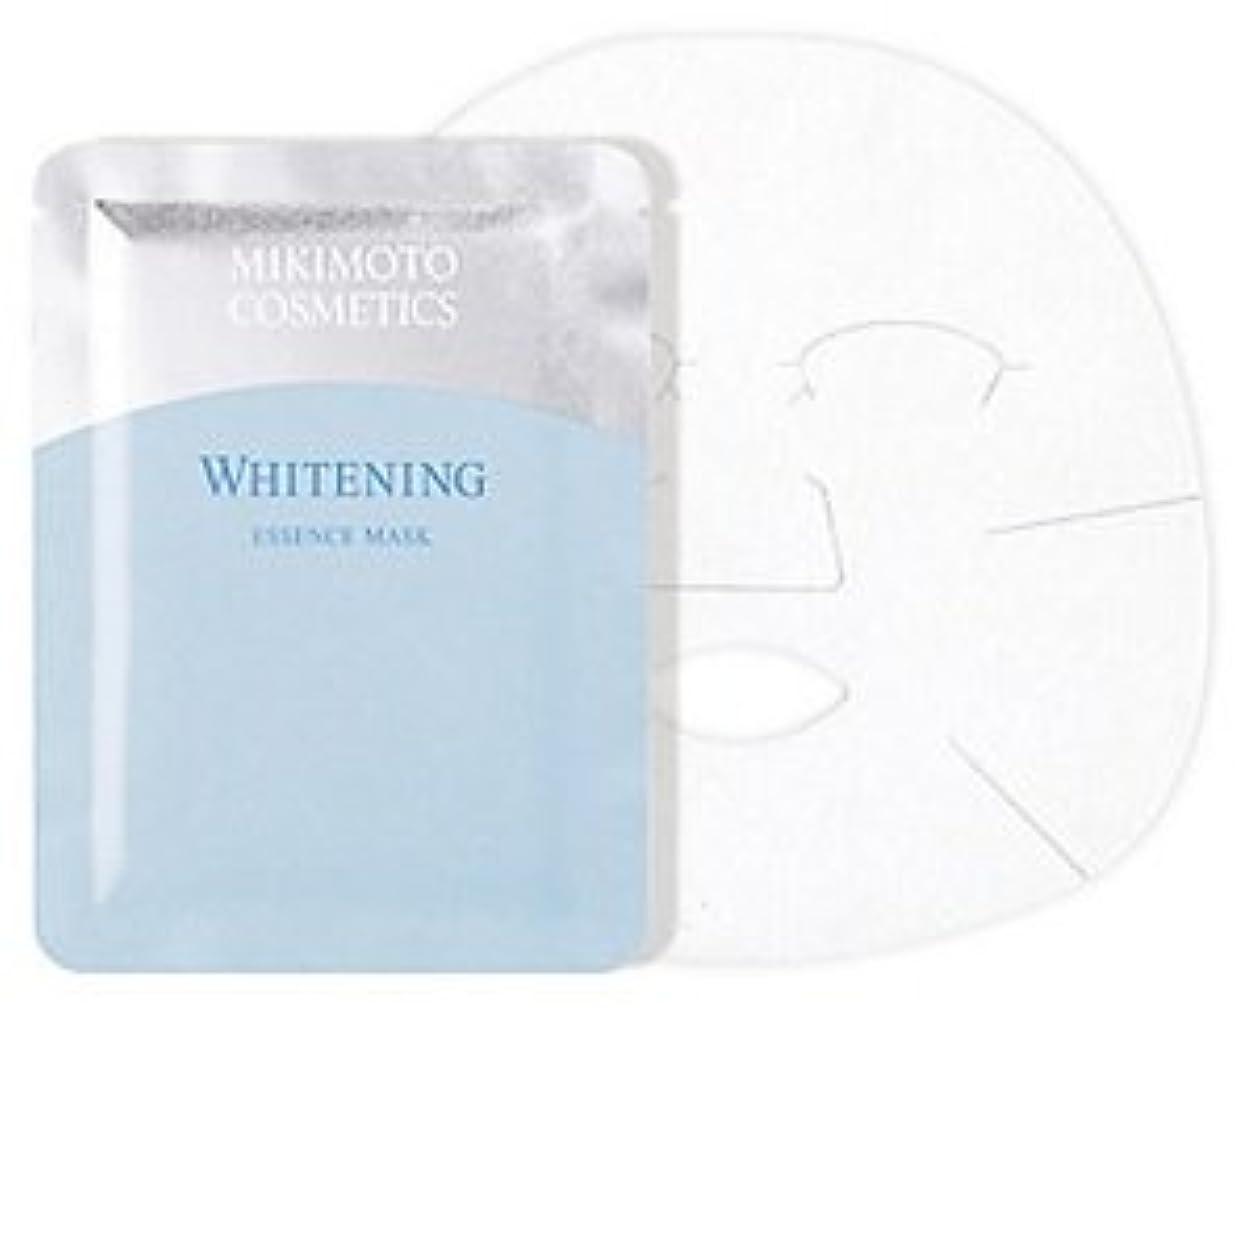 チャンバー保証ますますミキモト ホワイトニング エッセンス マスク 21mlx6枚入 薬用美白状シートマスク